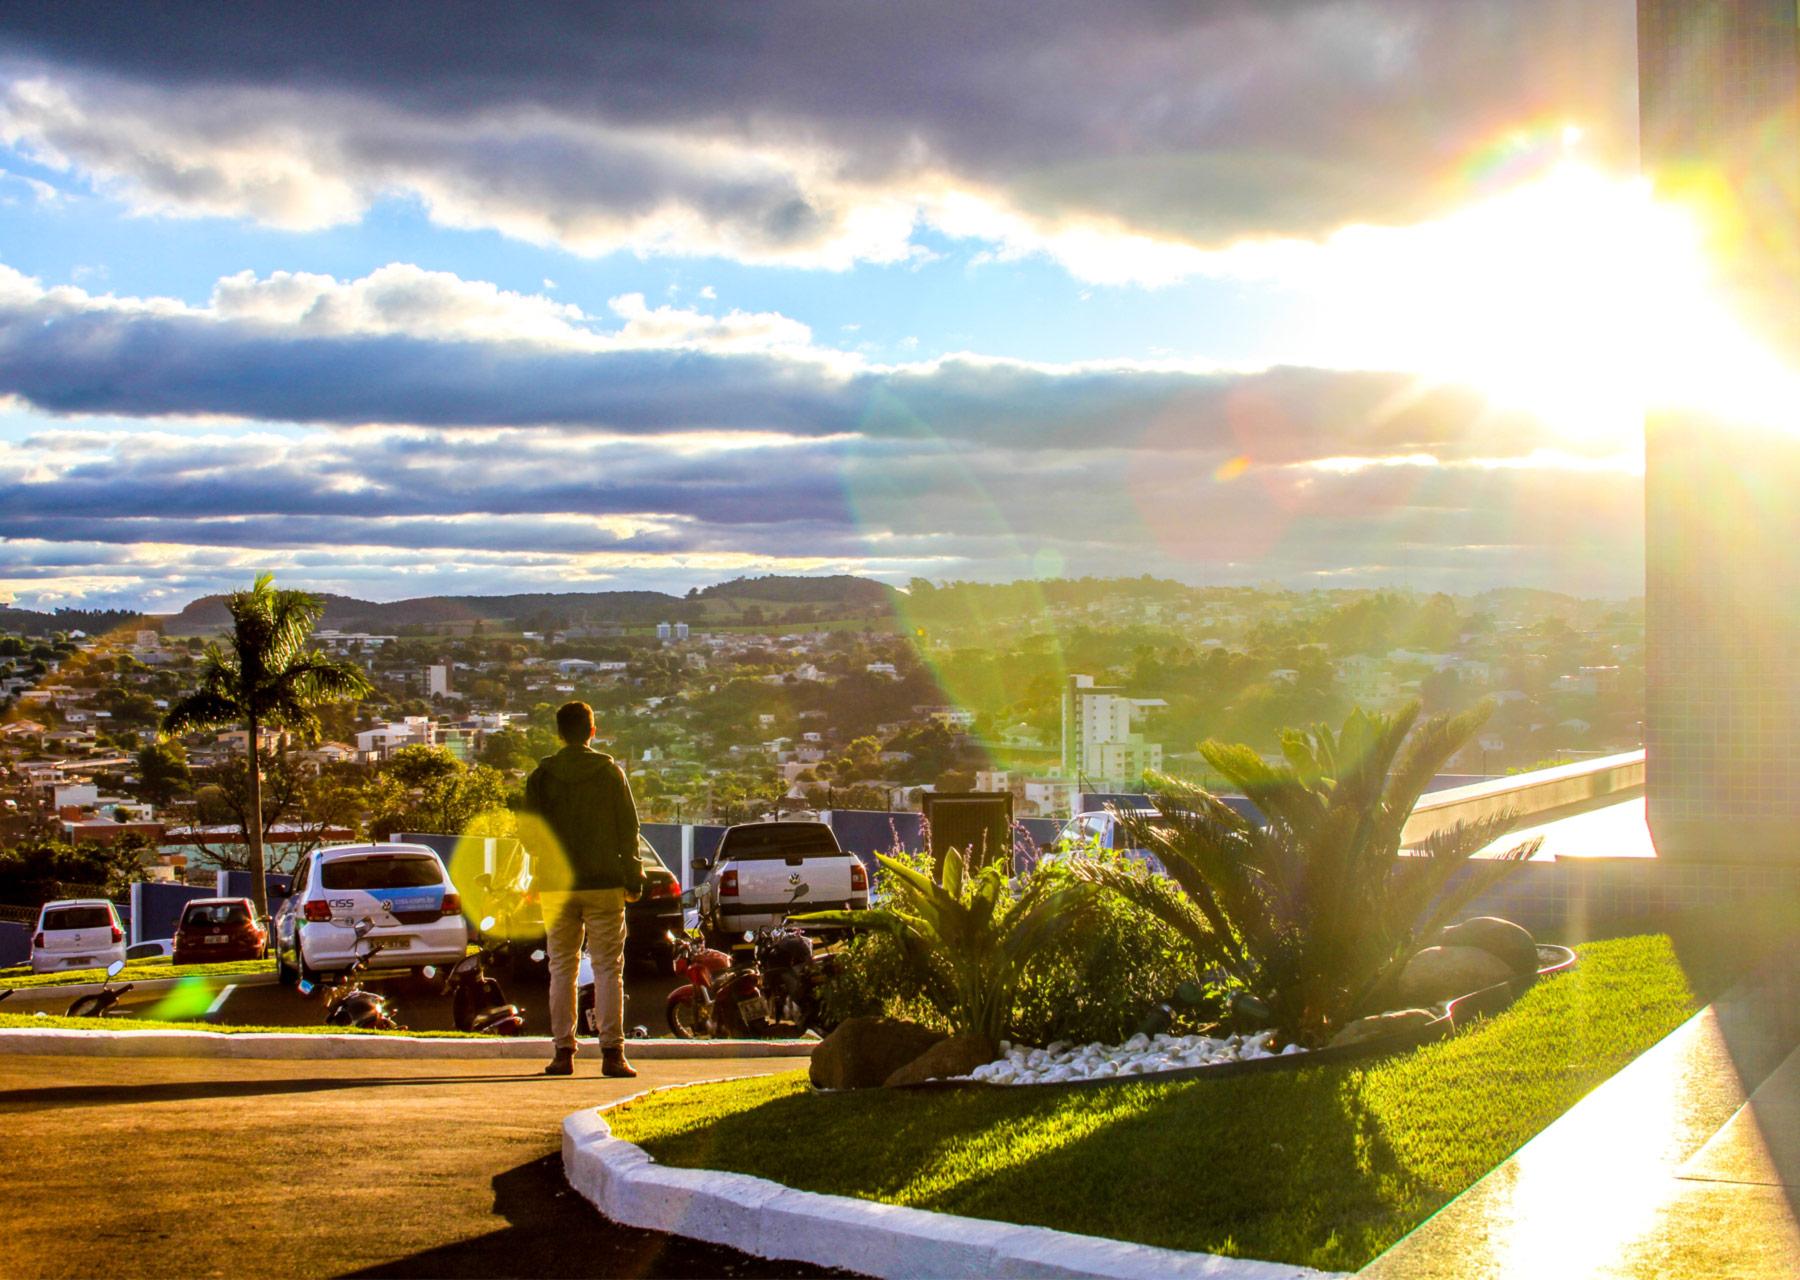 Colaborador da CISS, olhando para a Cidade de Dois Vizinhos/PR sob o por do sol